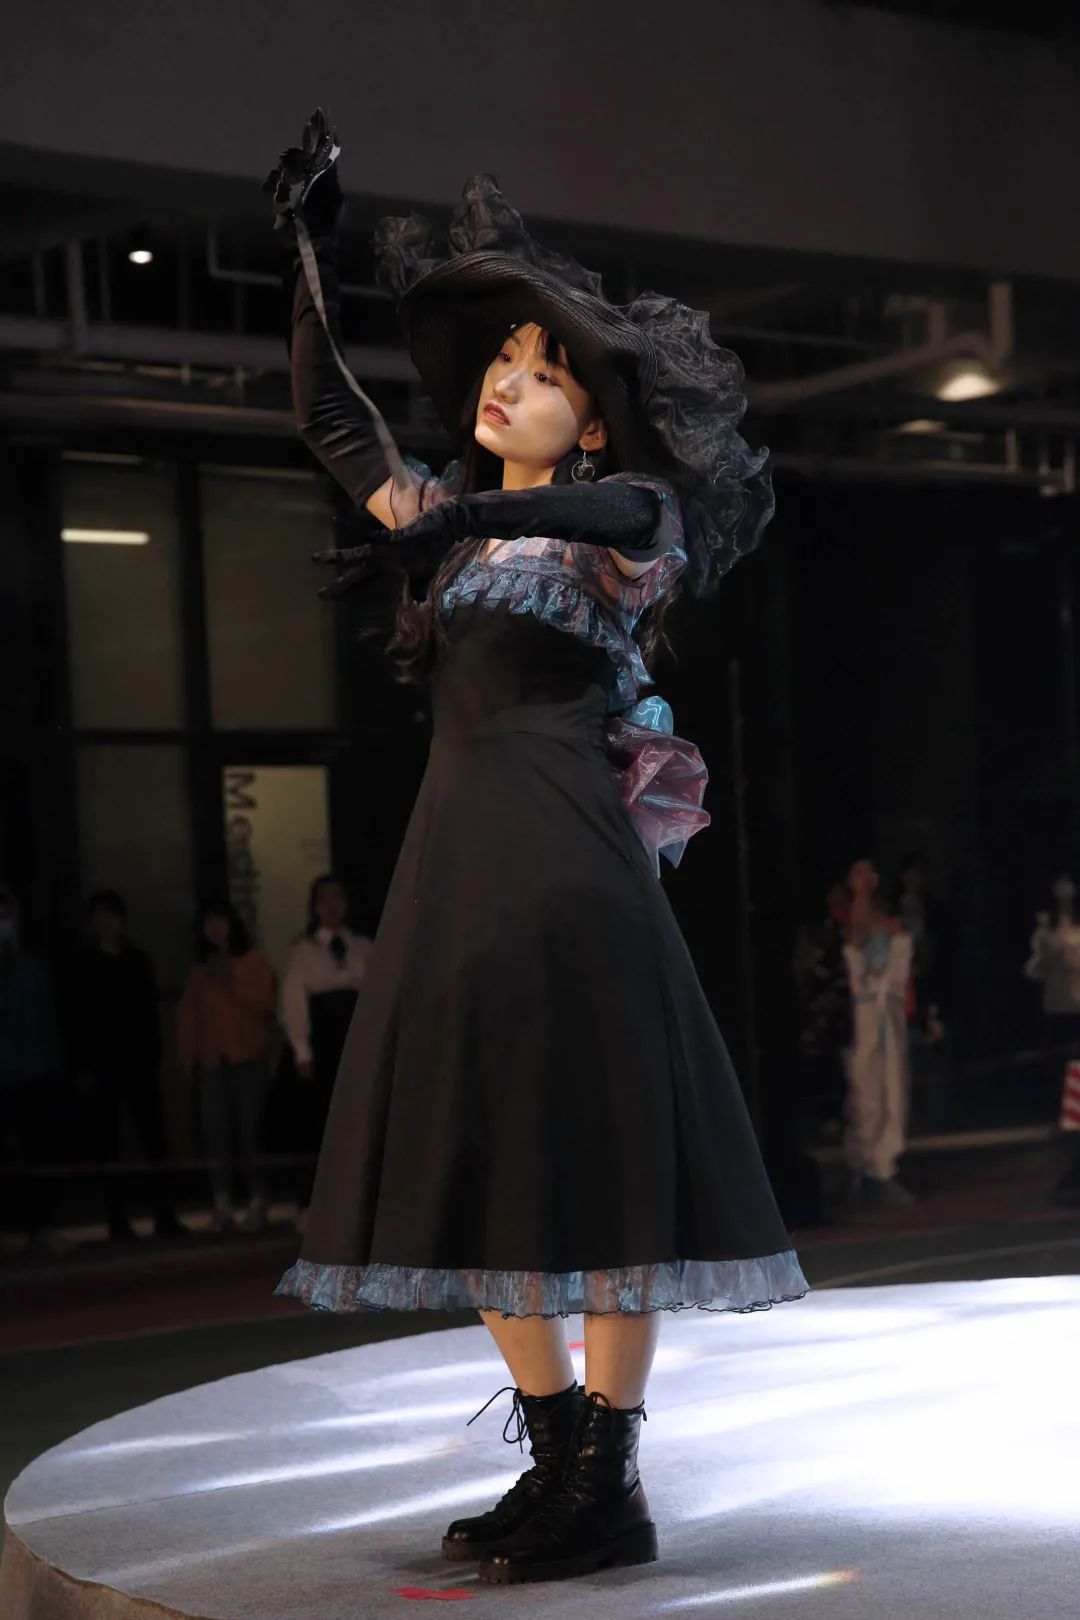 深国交2021 Fashion Show - 校园活动 疫情之下的时尚  深国交 深圳国际交流学院 第17张